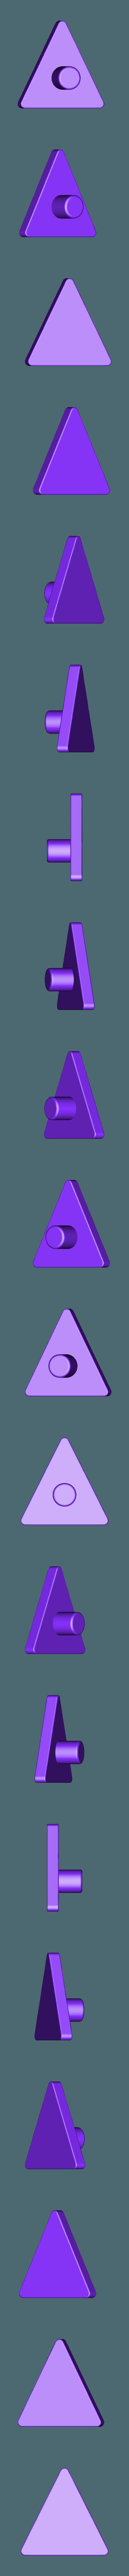 cute little triangle.stl Télécharger fichier STL gratuit kid puzzle  • Modèle imprimable en 3D, abyss_57